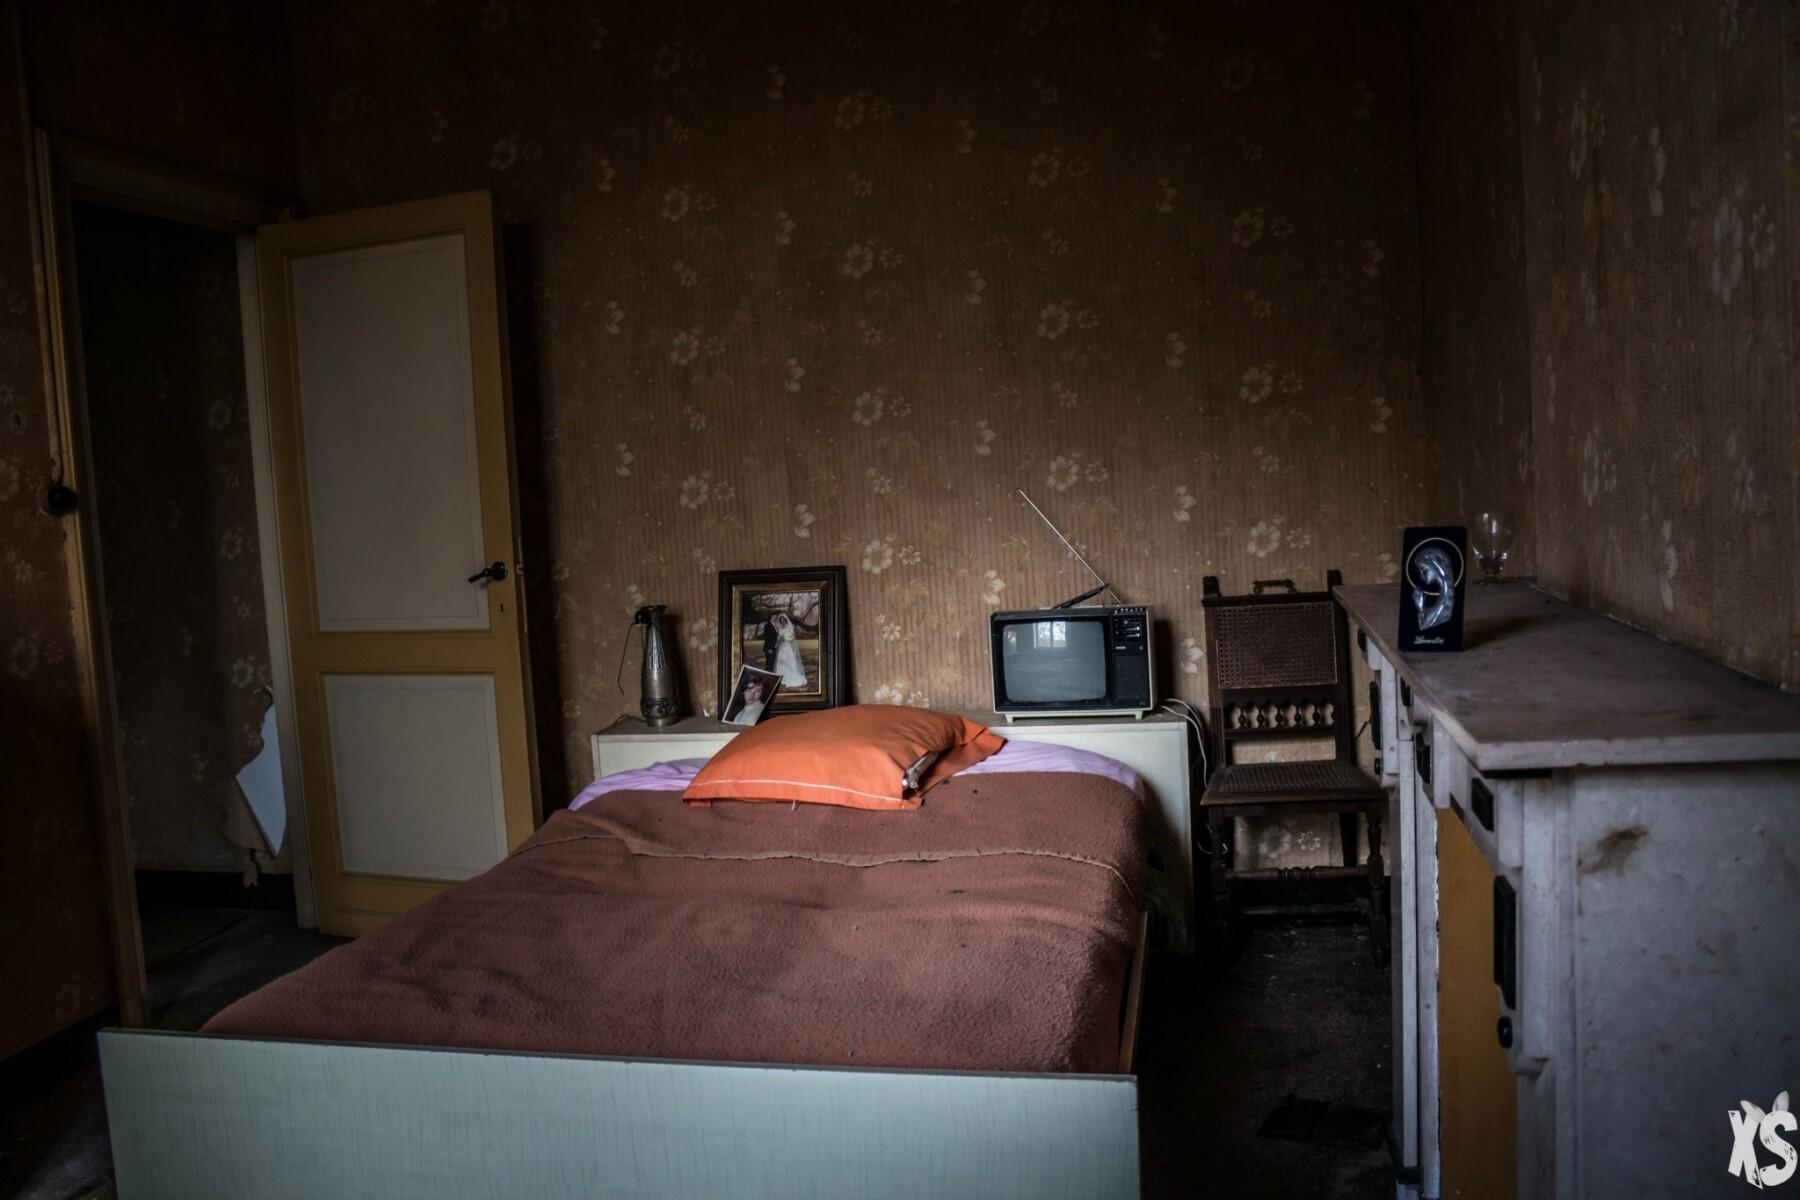 Villa abandonnée en Belgique